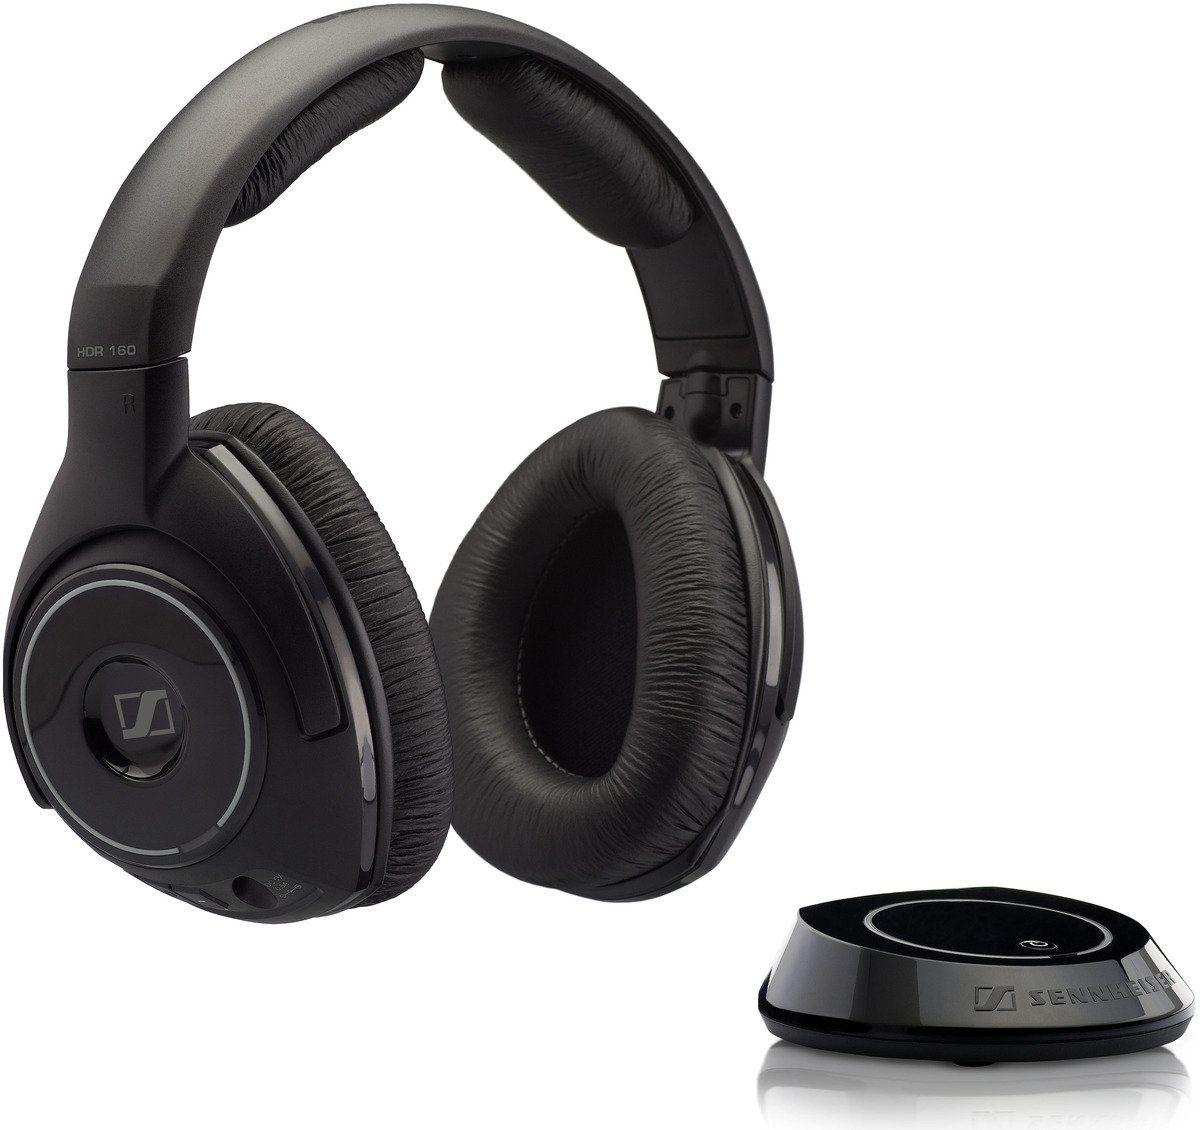 Sennheiser Kopfhörer »Funkkopfhörersystem RS 160«